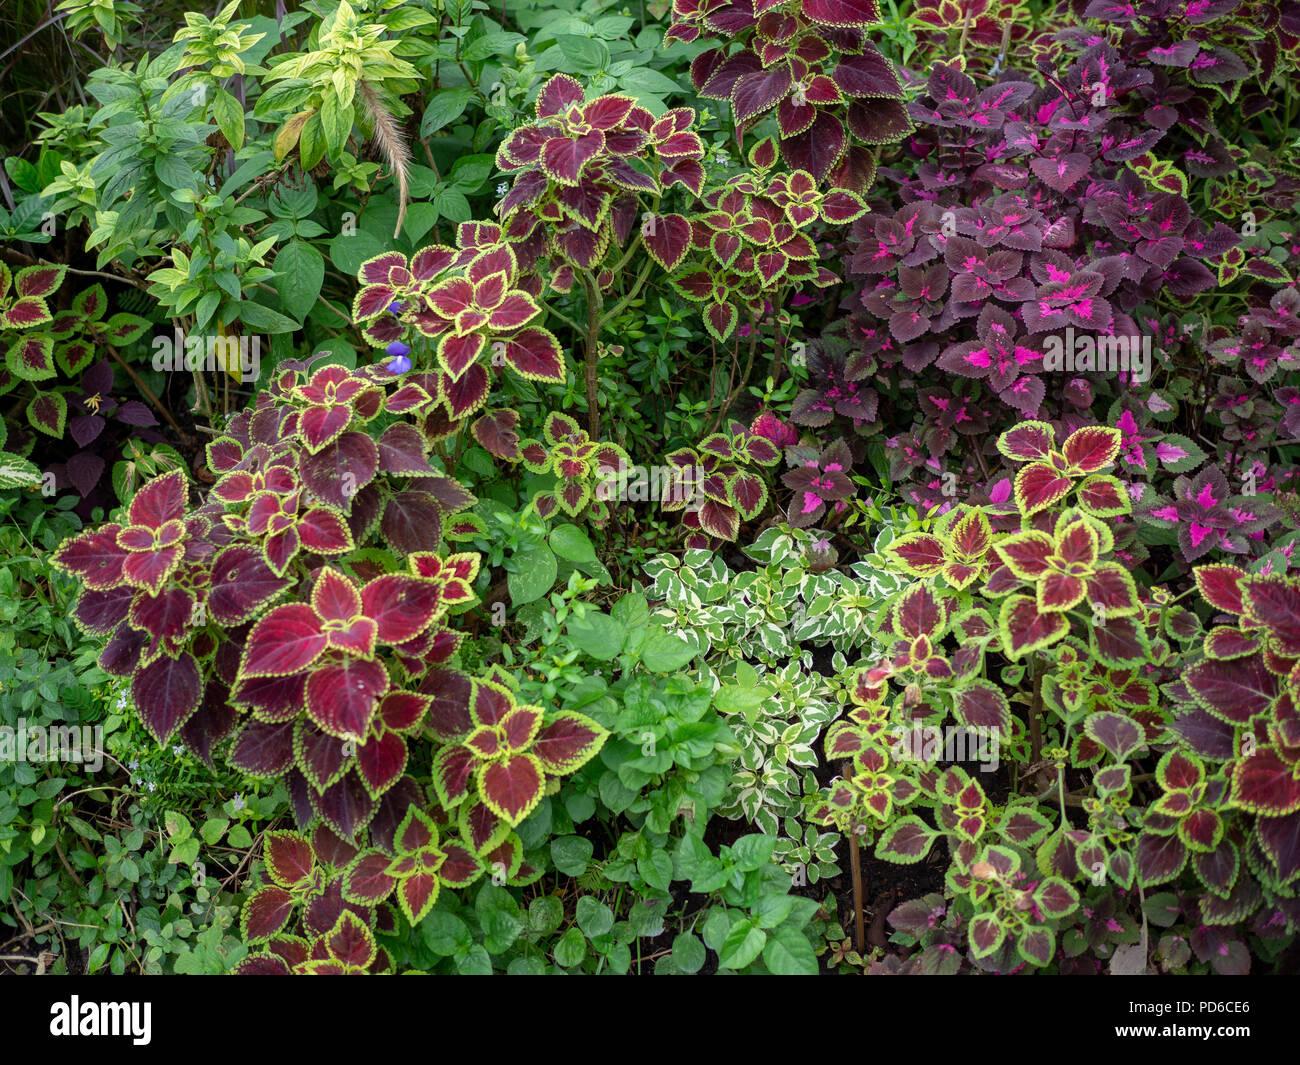 https www alamyimages fr petite jungle vivant a l exterieur evergreen tropical jardin avec plantes fleurs racines decoration de jardin foret tropicale image214656462 html